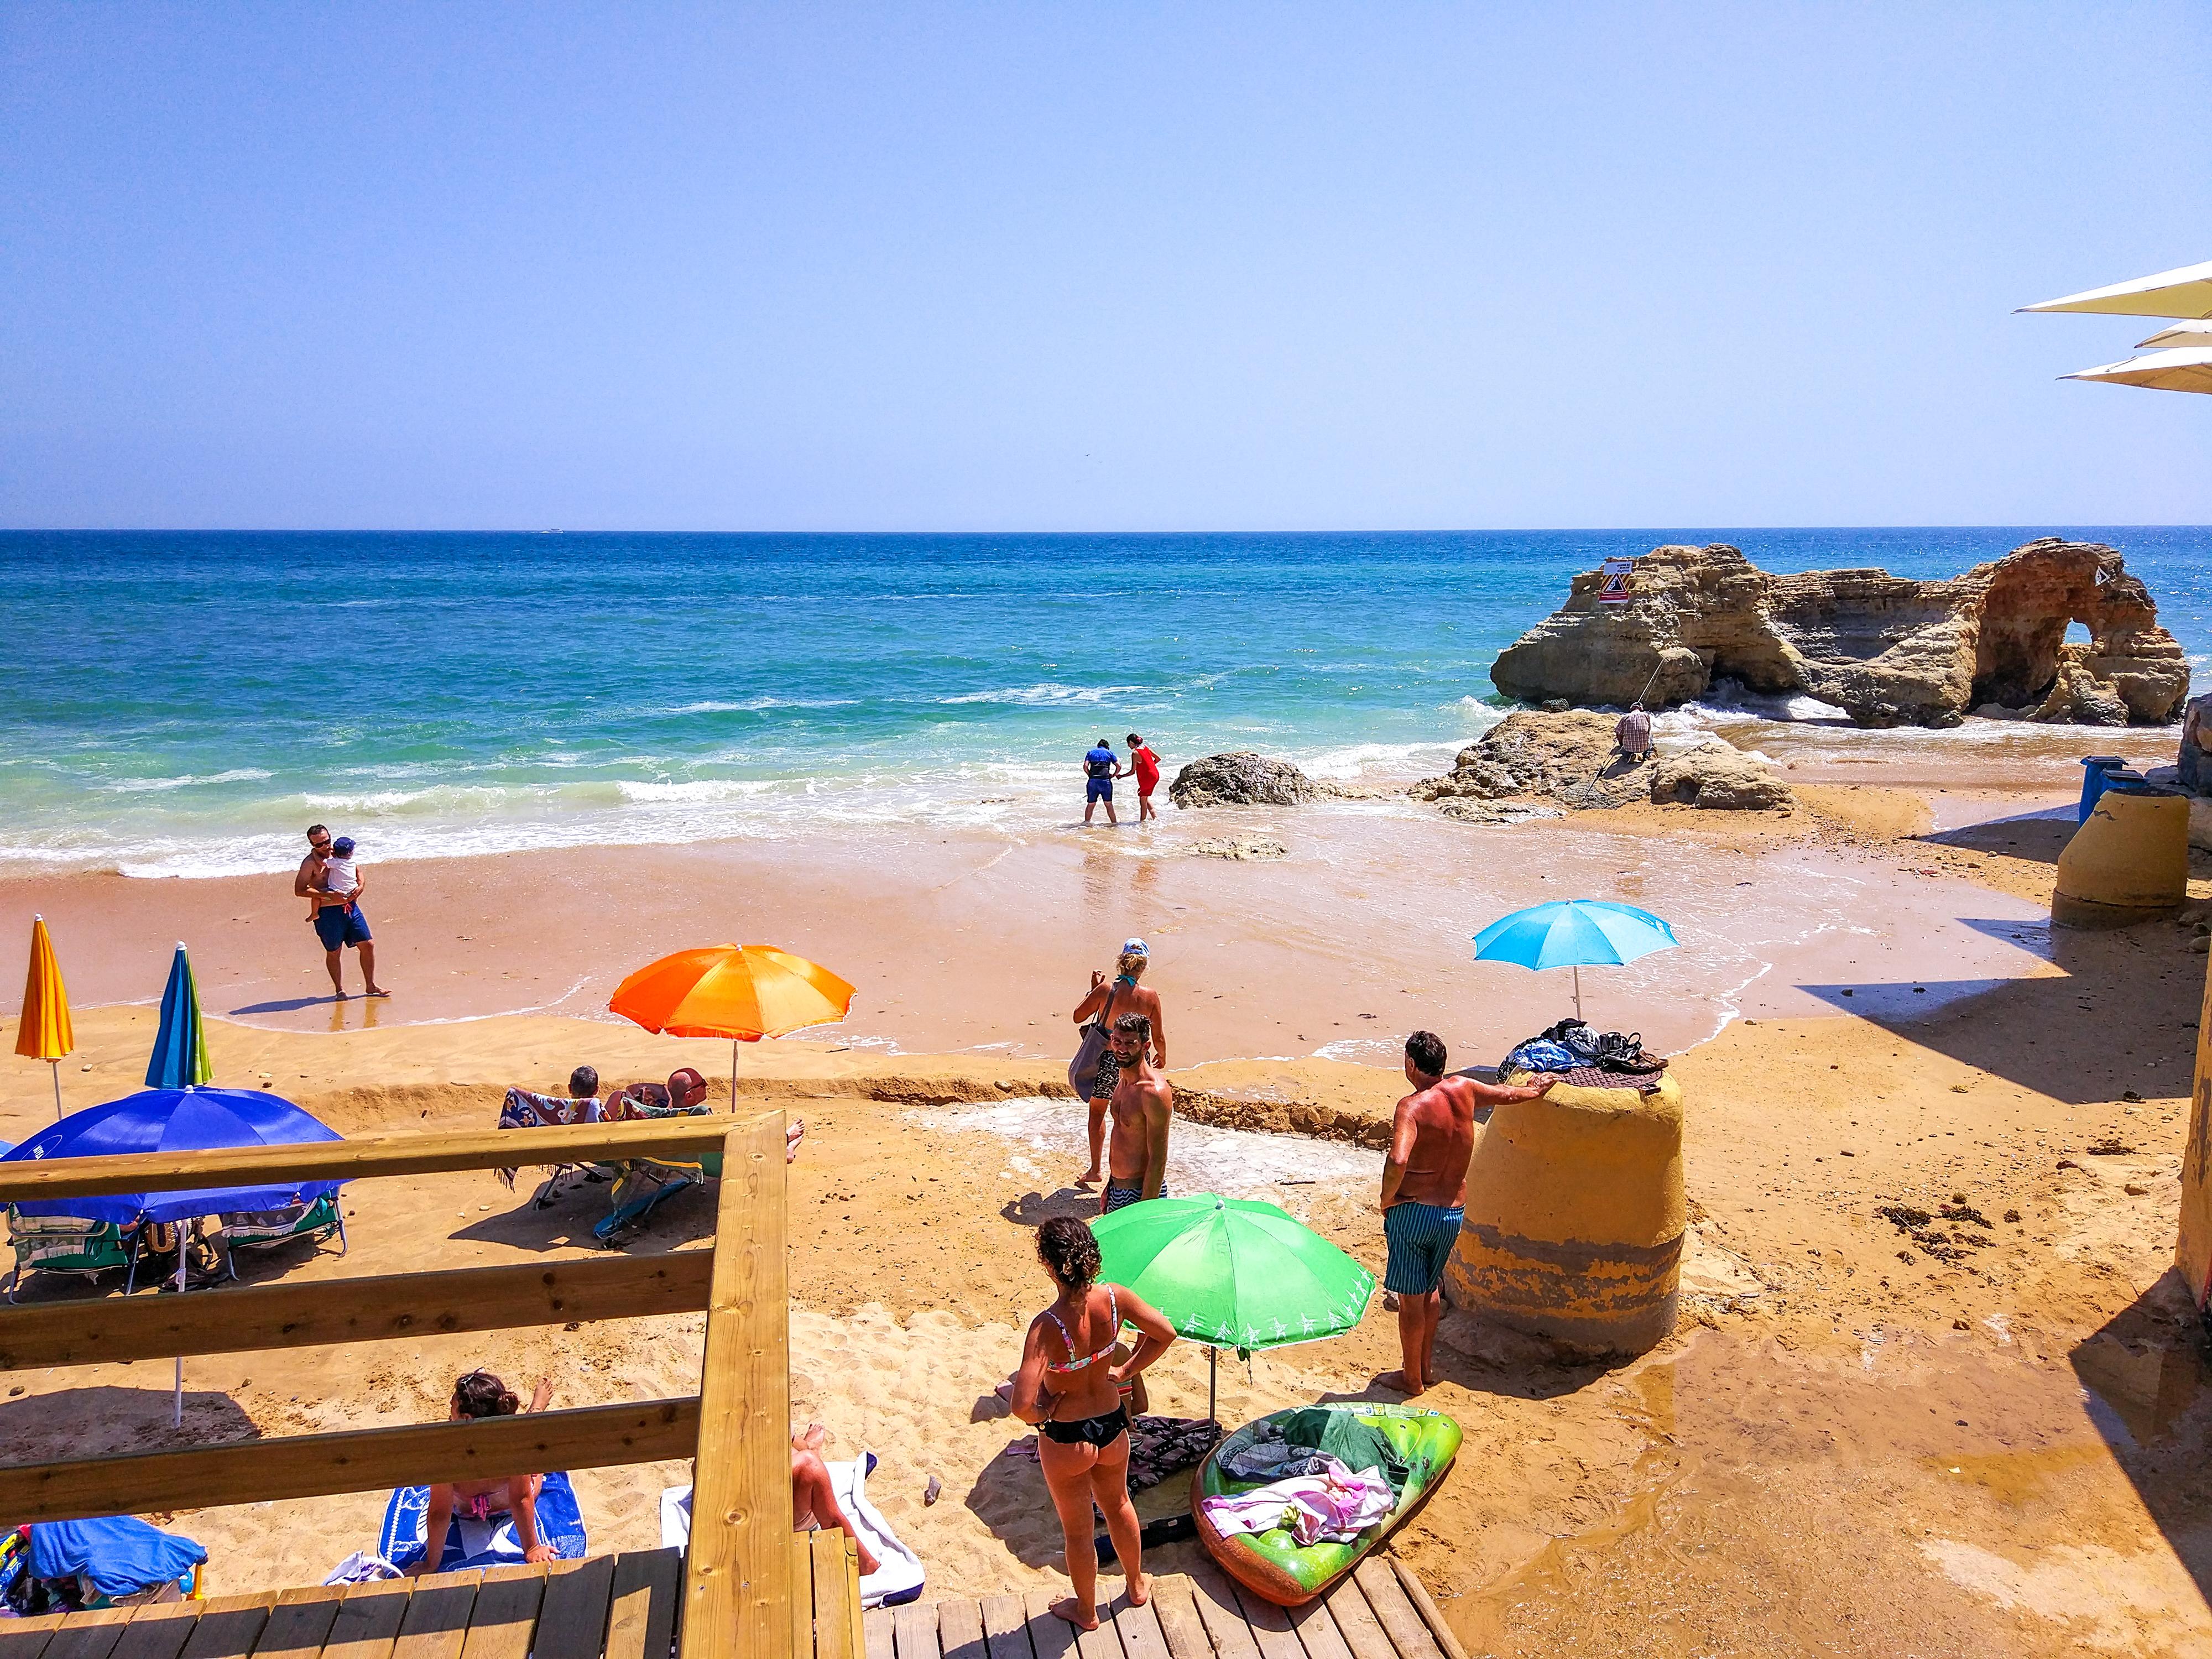 Portugal - Algarve -  Olhos de Água - Praia dos Olhos de Água